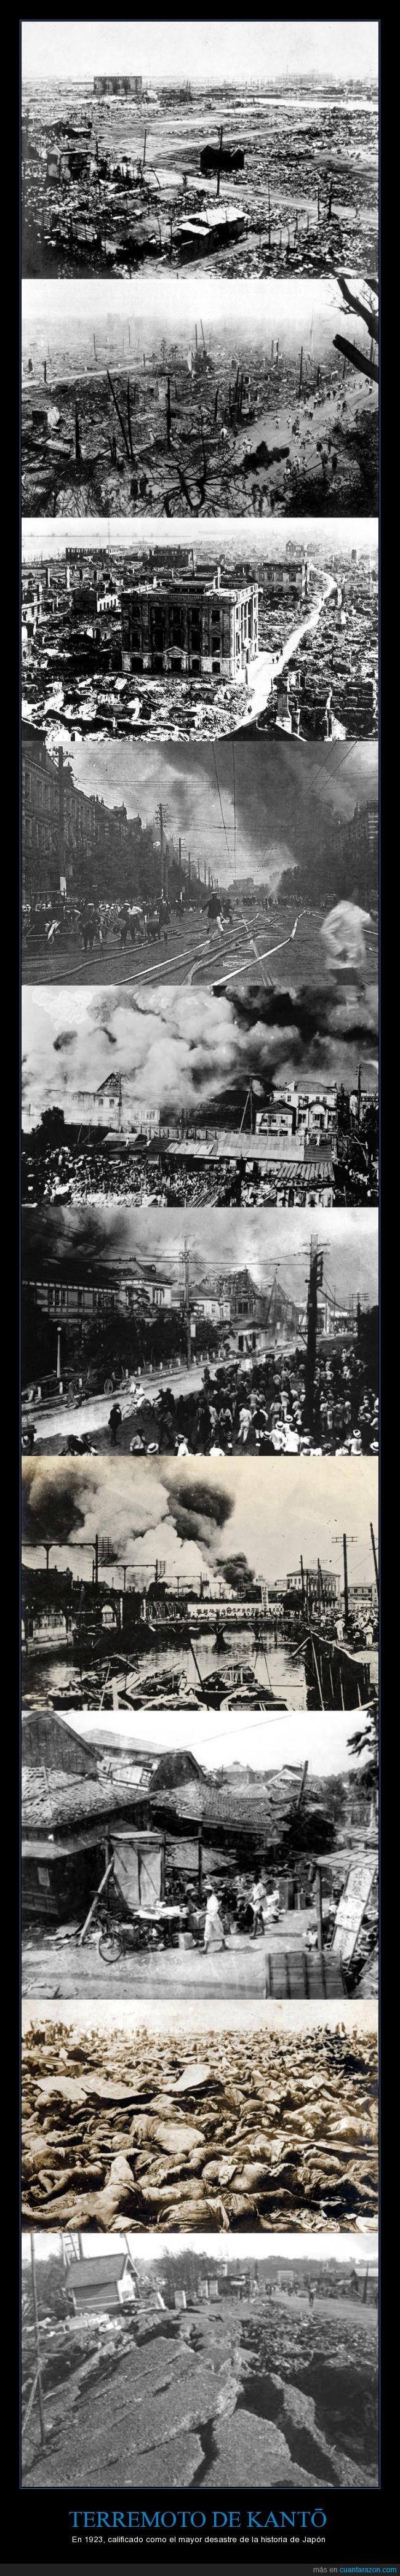 1923,Asesinatos,Desastre,Escombros,Incendios,Japón,Kantō,Muertes,Récord,Ruinas,Saqueos,Terremoto